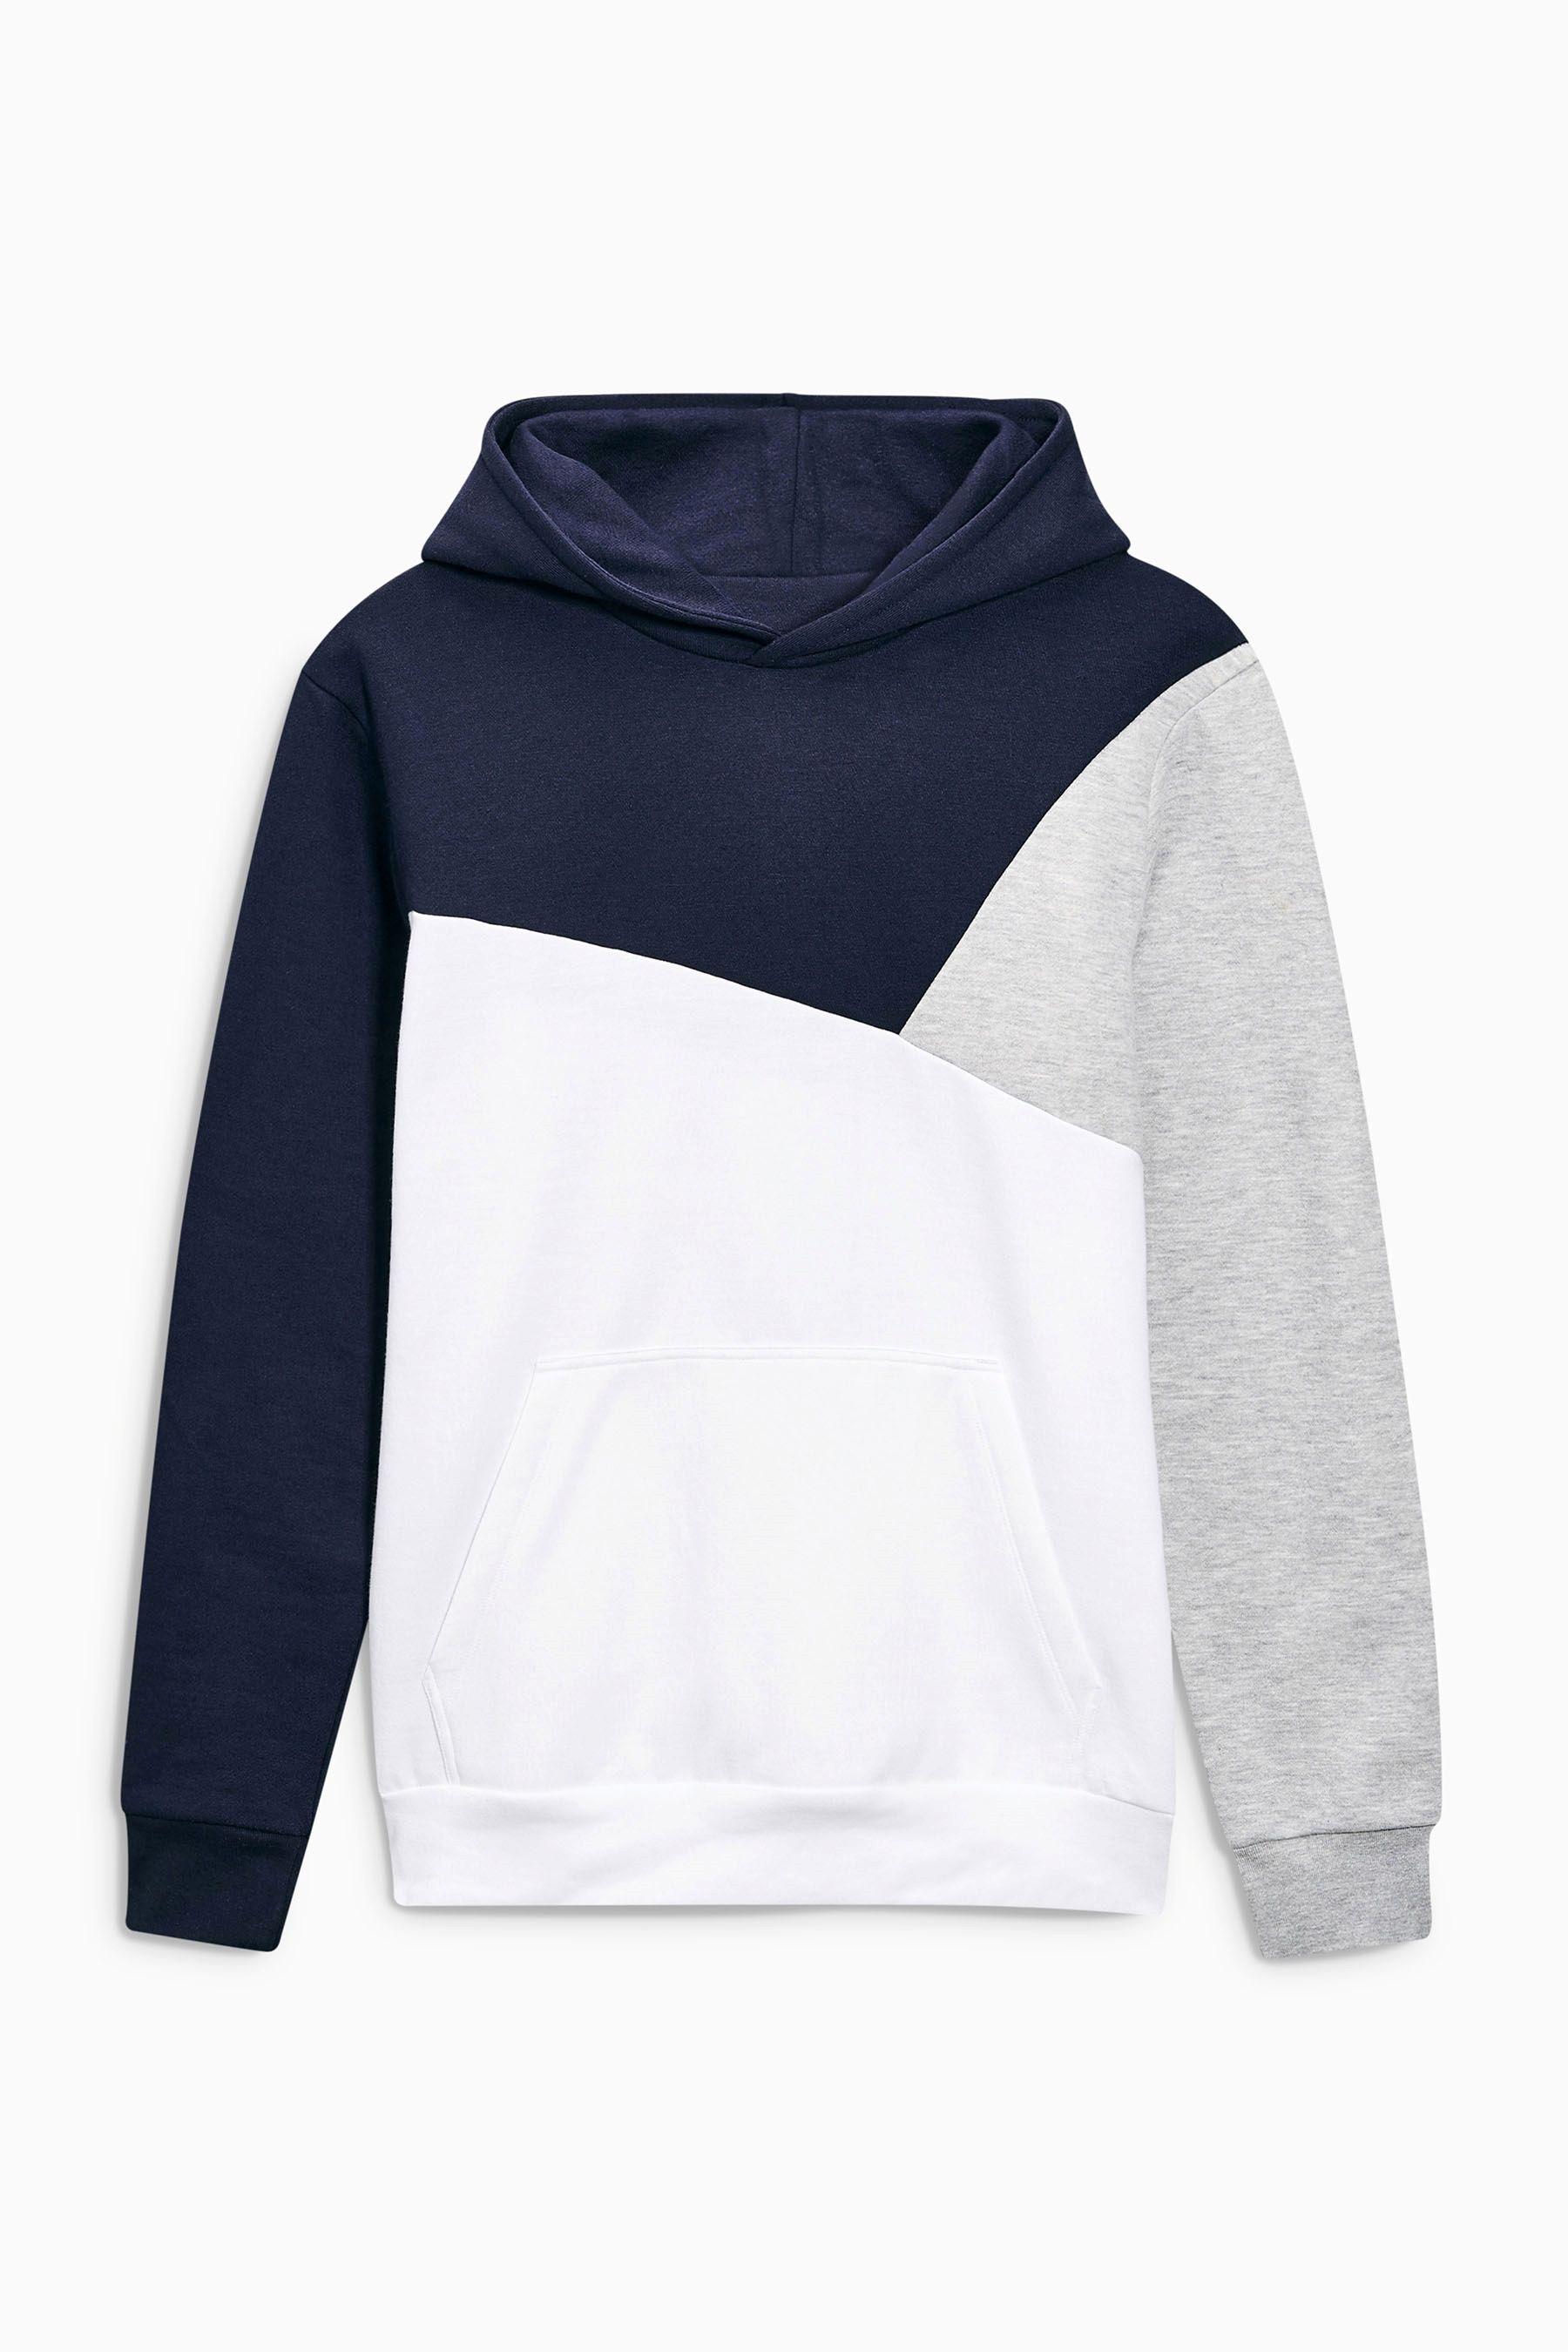 Comprar Sudadera con capucha y diseño de patchwork en azul marino online  hoy en Next  España ab2db4a8176b